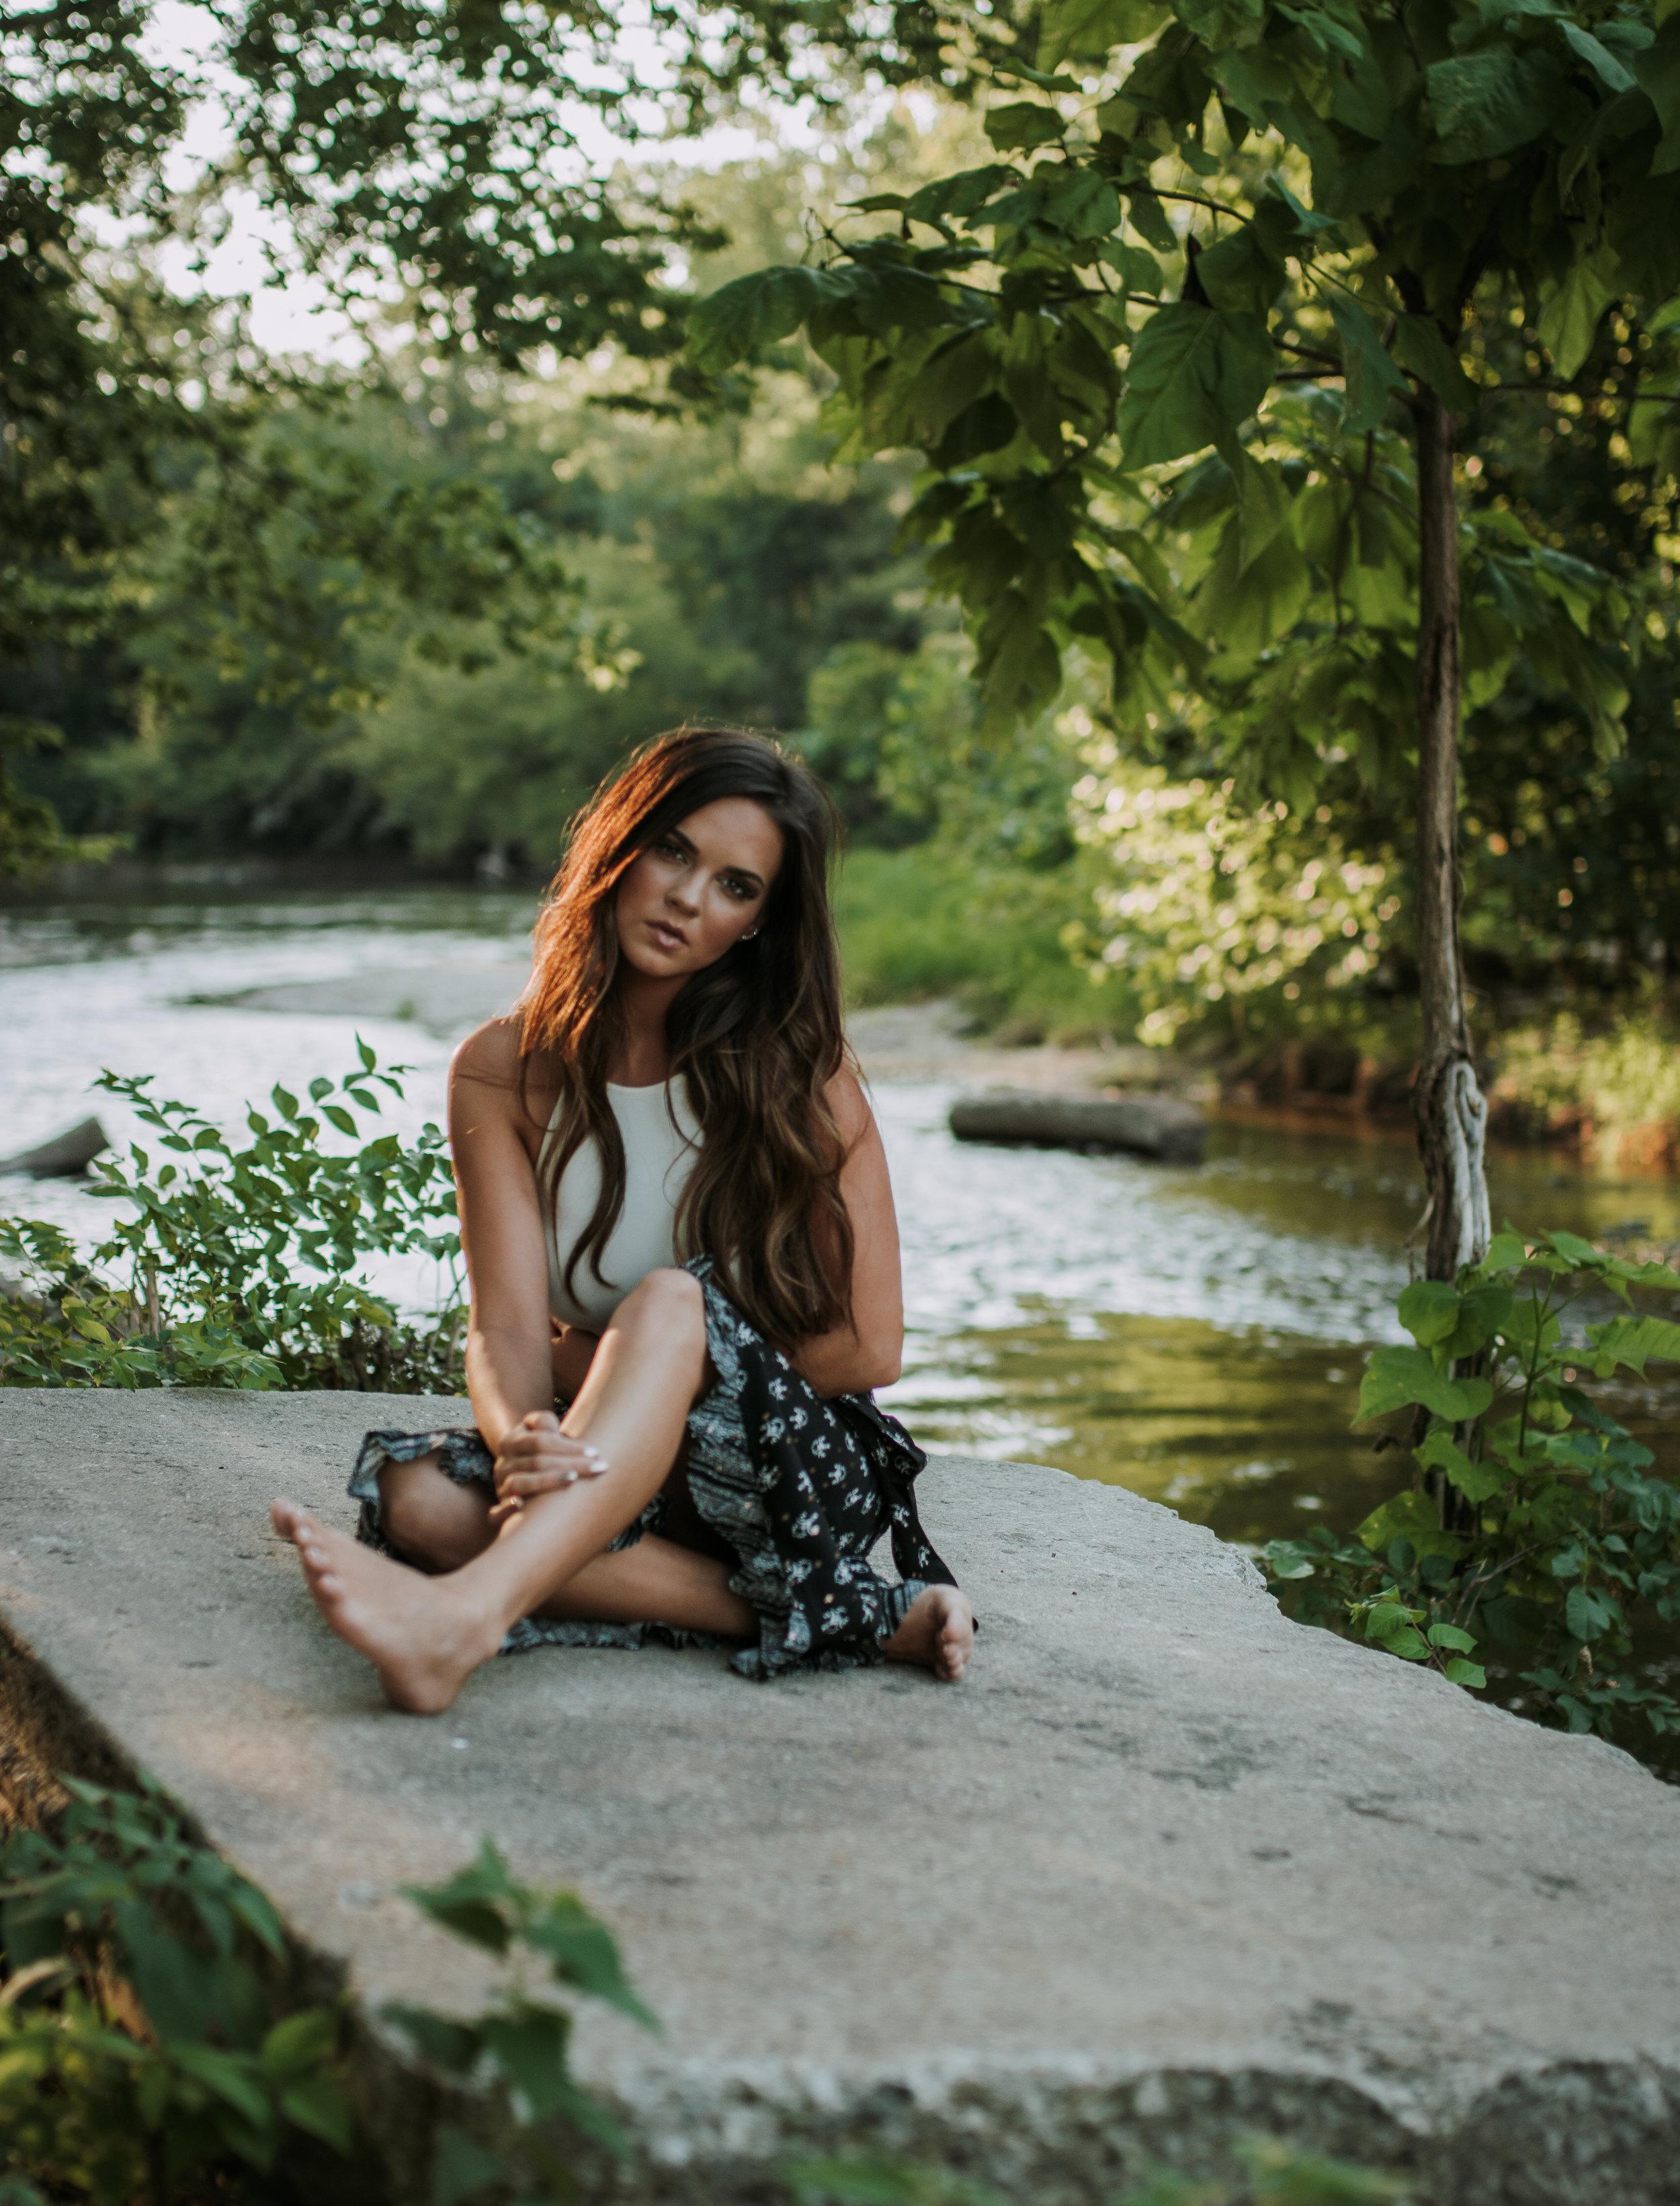 ChristineTate_StylizedSession_IndianaLifestylePhotographer_SamanthaRosePhotography_-21.jpg